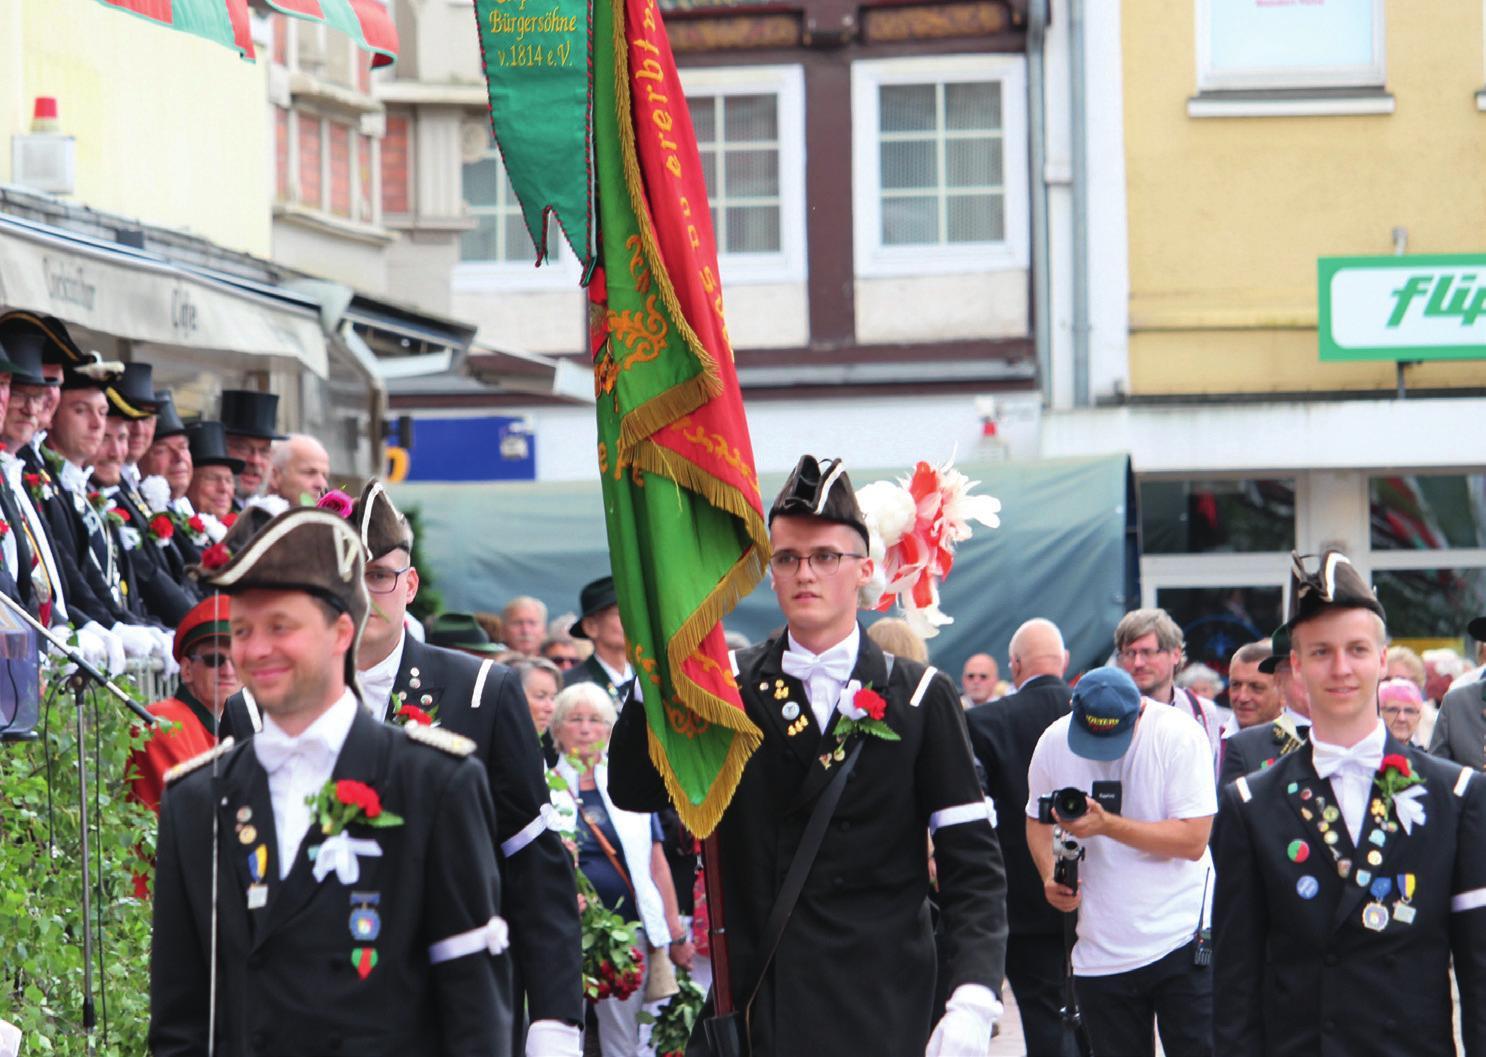 Freischiessen Fotoheft - Juli 2019 - IV. Image 19